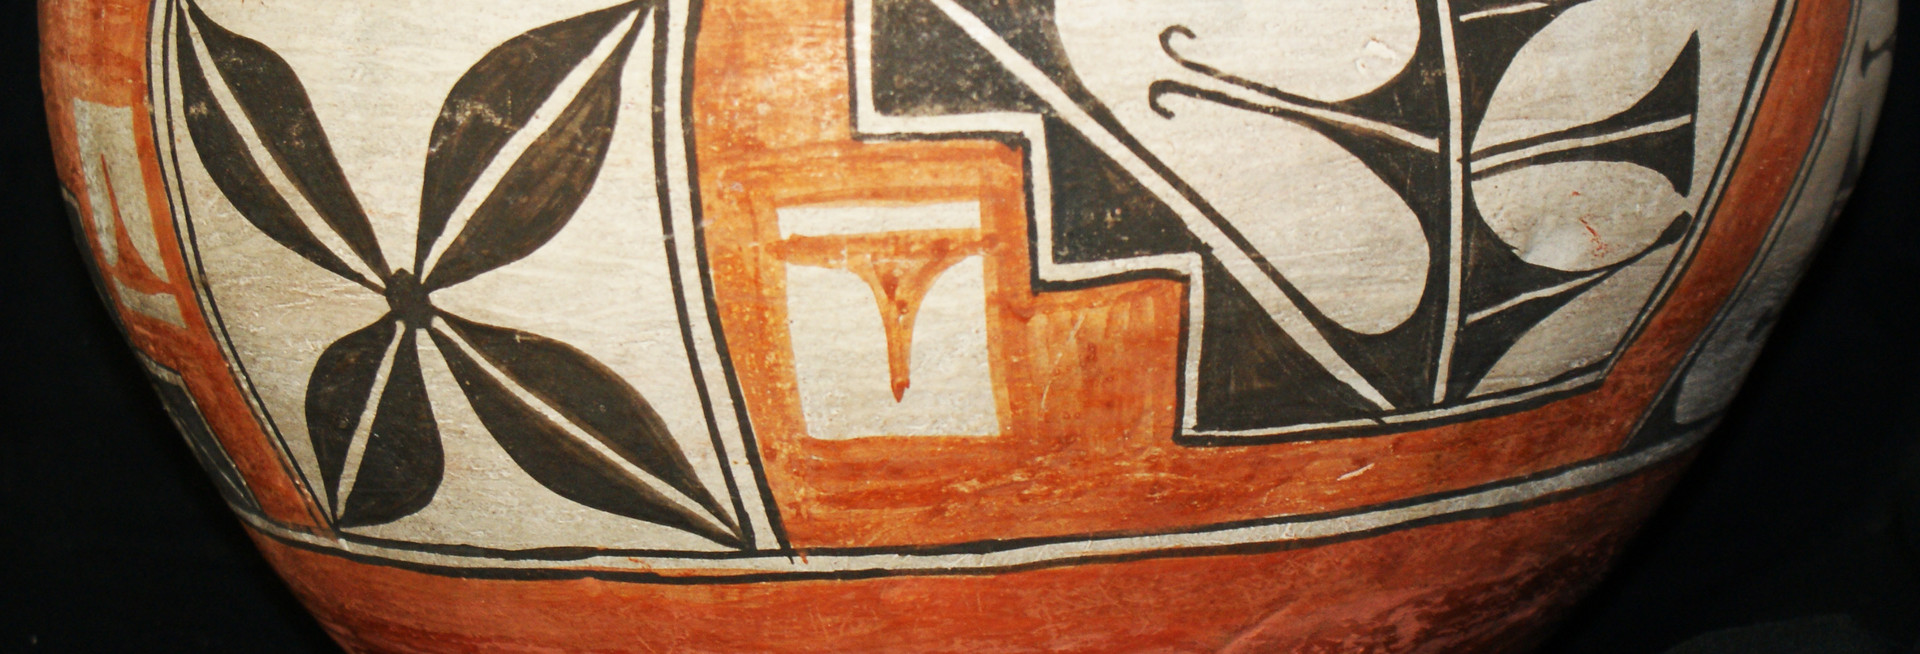 Zia Pueblo Large Historic Polychrome Pottery Dough Bowl